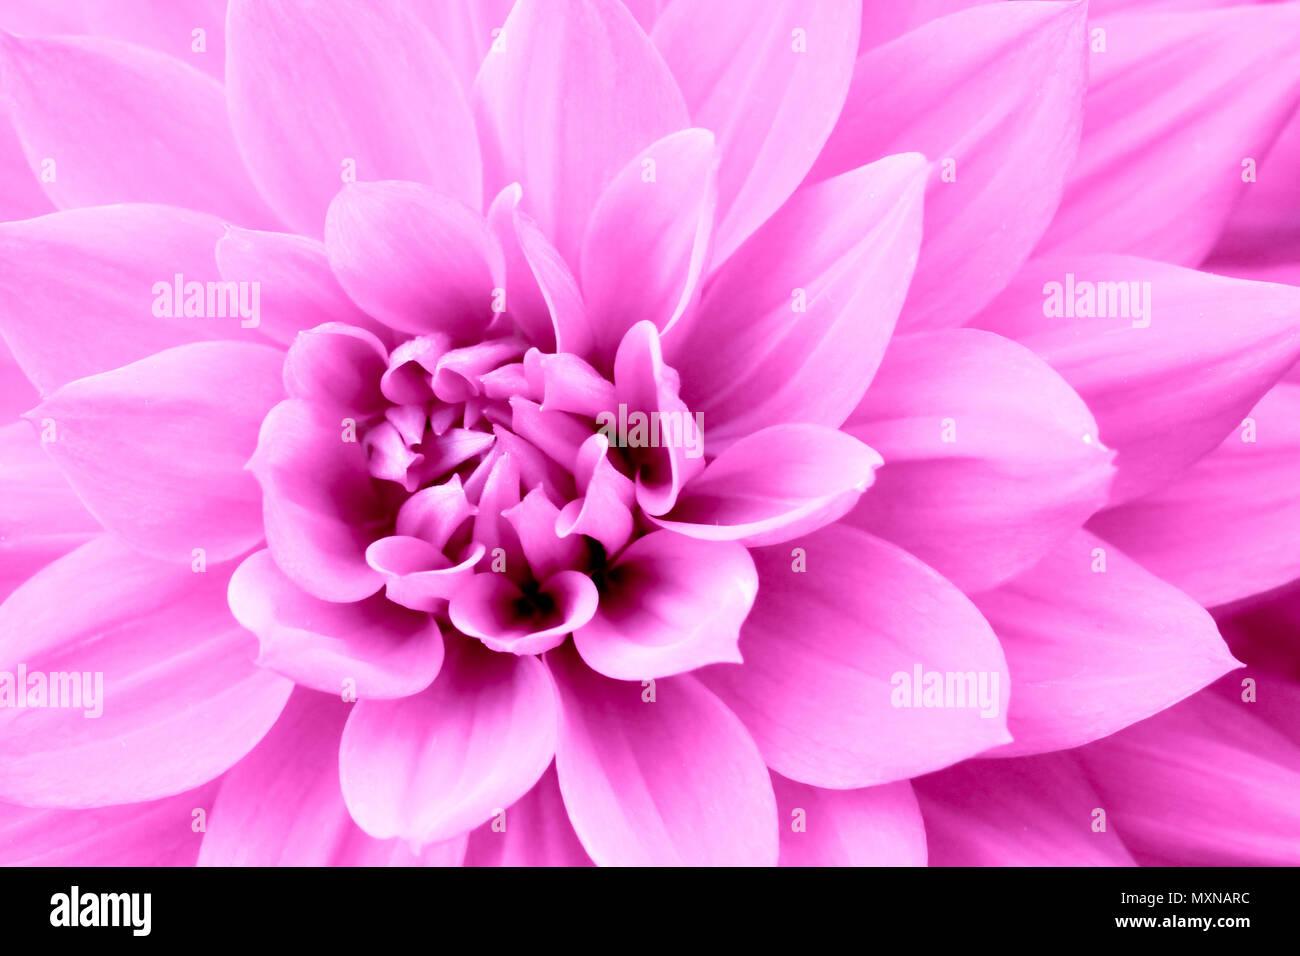 Rosa viola fiore dahlia foto macro immagine a colori - Immagine di lucertola a colori ...